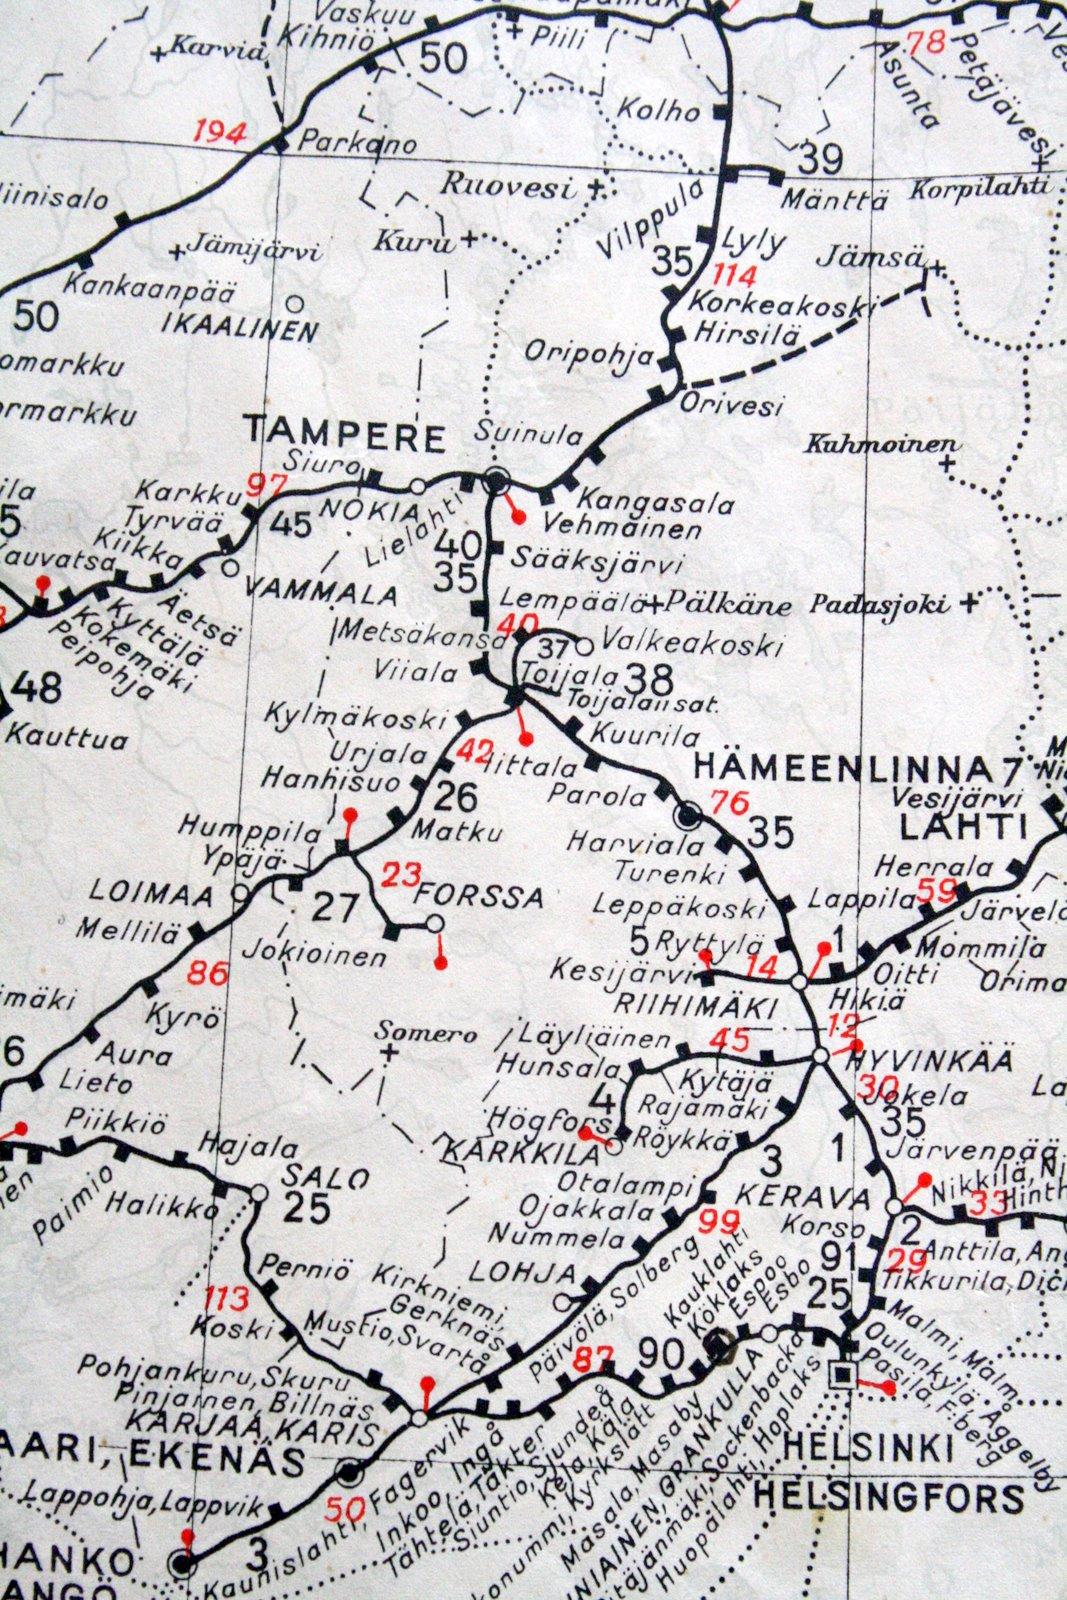 Valkoista Pellavaa Rautateiden Kartta